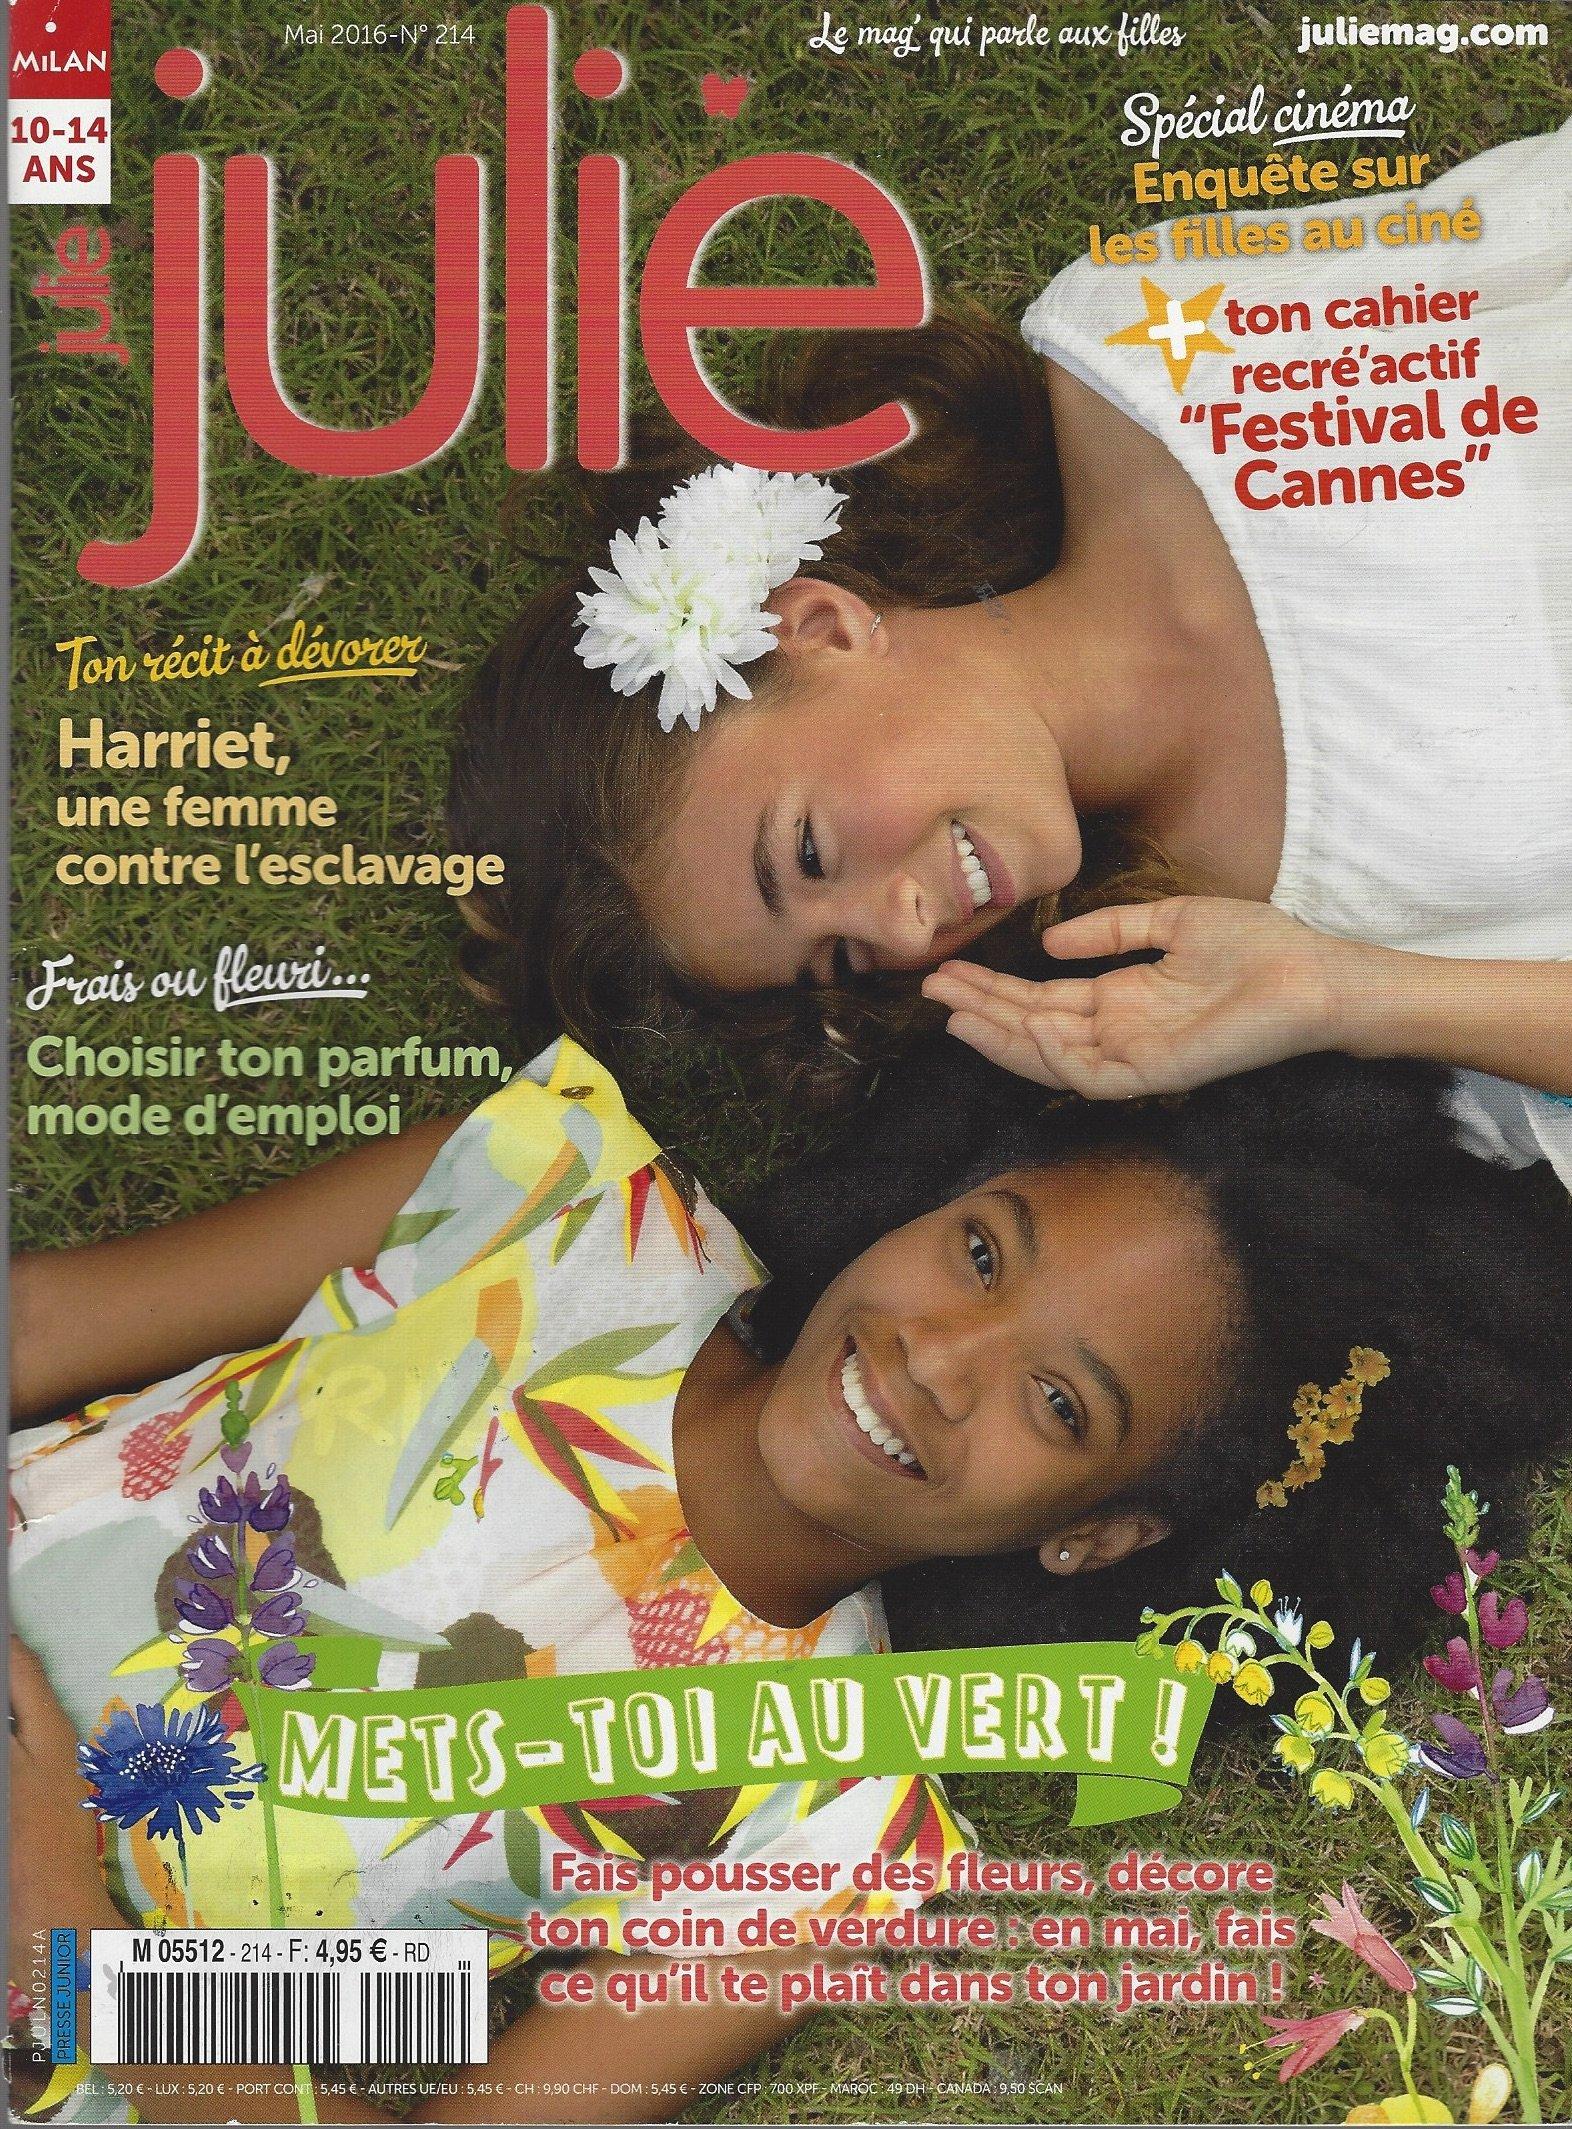 Julie Magazine Pour Les 10 14 Ans N 214 Mai 2016 Harriet Une